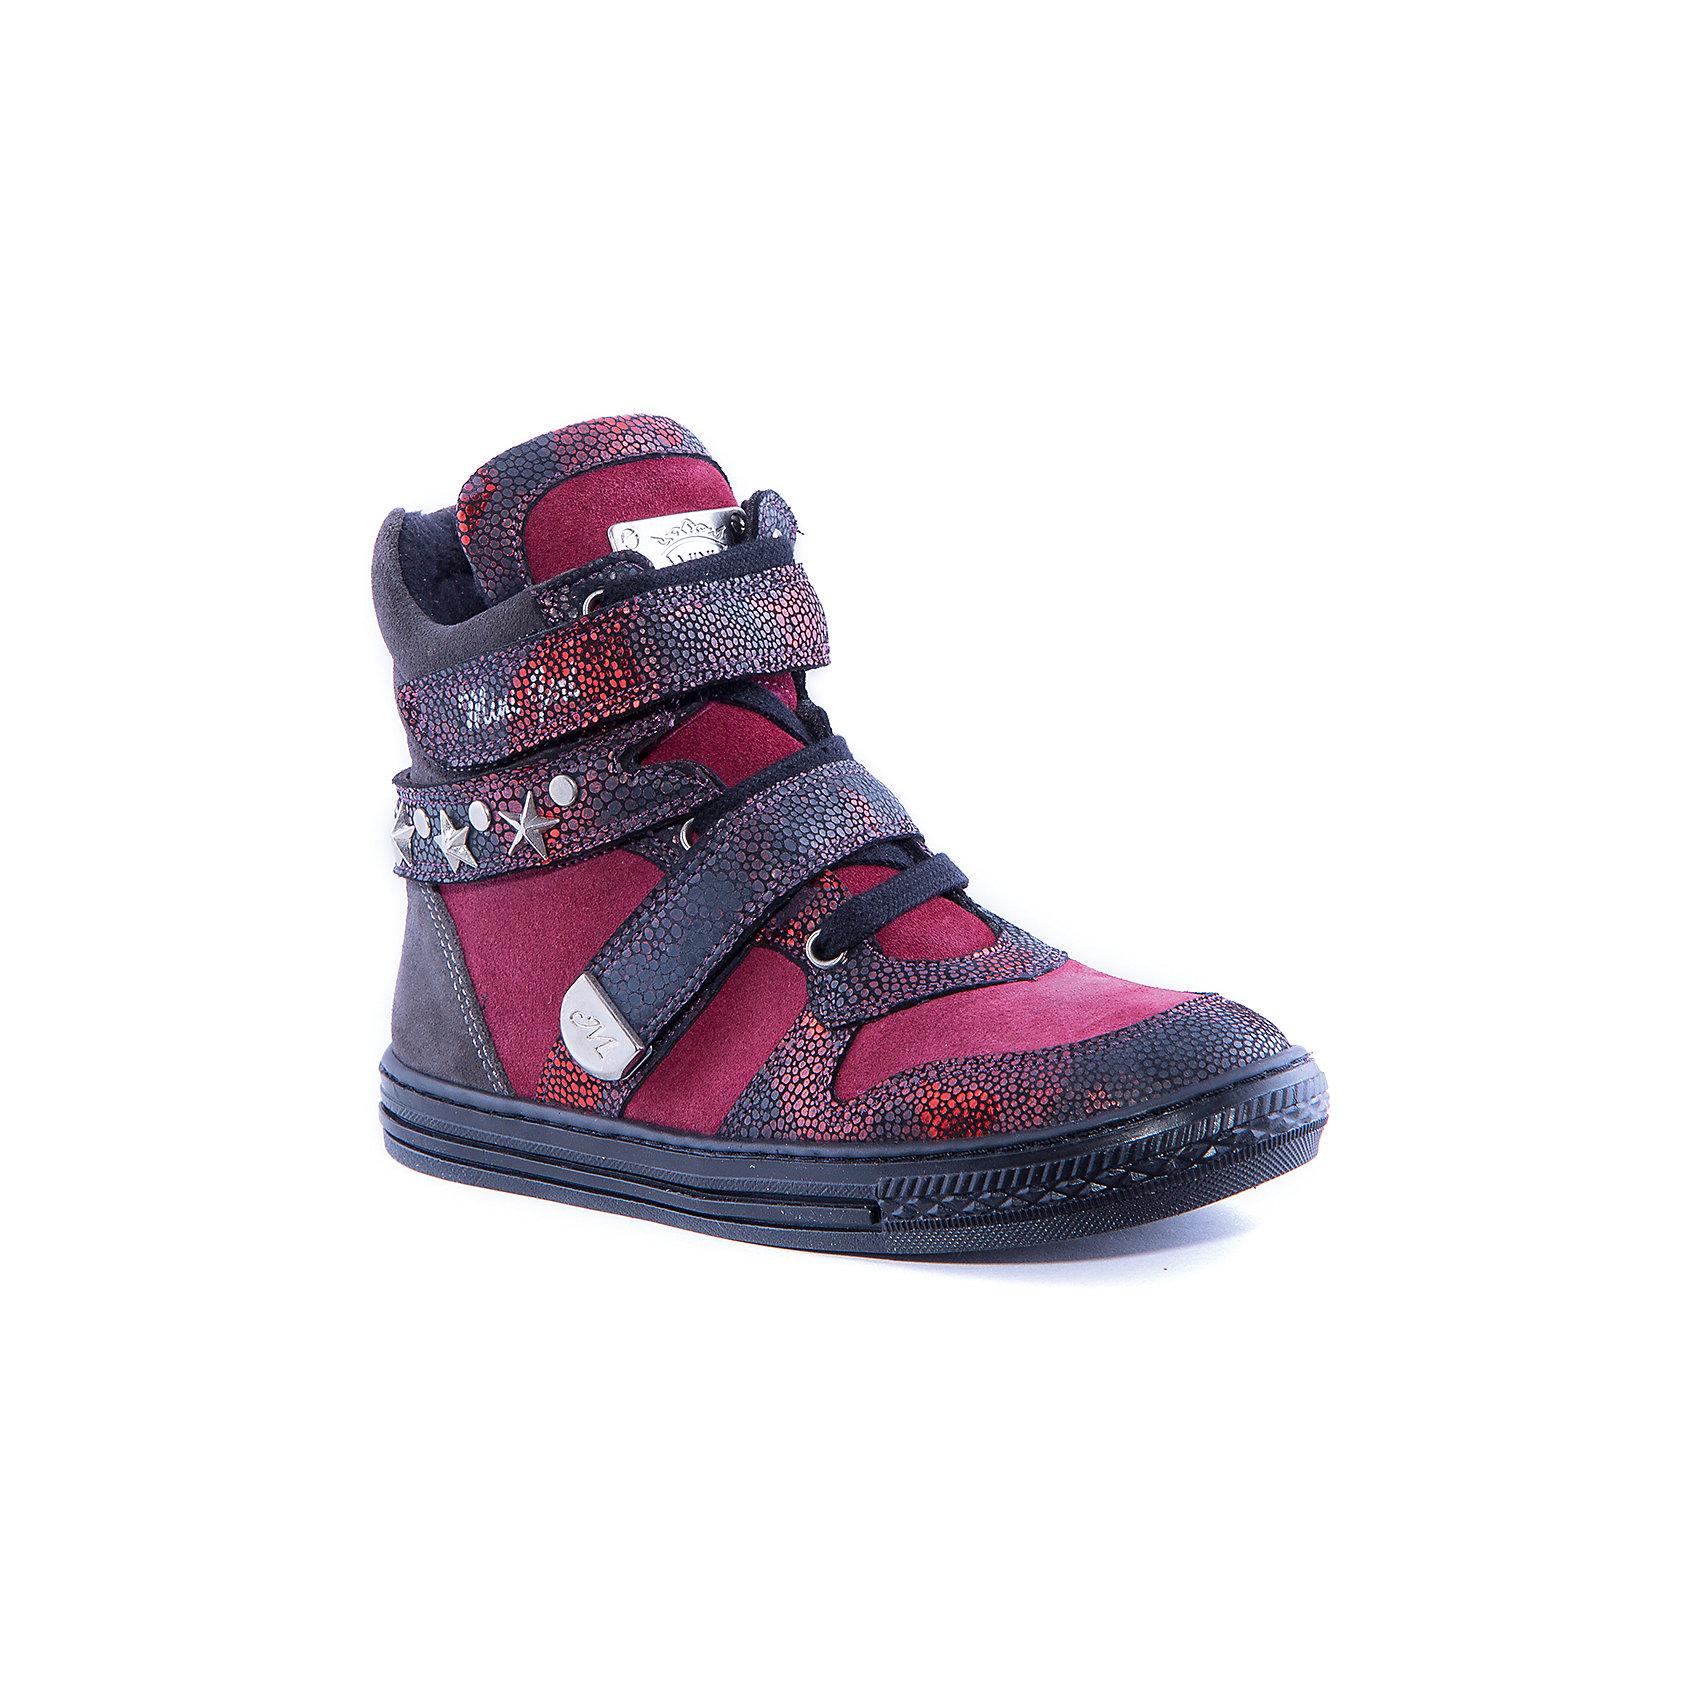 Ботинки для девочки MinimenБотинки для девочки от известного бренда Minimen<br><br>Очень стильные ботинки Minimen созданы для ношения в прохладную и теплую погоду. Их форма тщательно проработана, поэтому детским ножкам в такой обуви очень  комфортно. Качественные материалы позволяют сделать изделия износостойкими и удобными.<br><br>Отличительные особенности модели:<br><br>- цвет: бордовый;<br>- стильный дизайн;<br>- гибкая нескользящая подошва;<br>- усиленный носок и задник;<br>- эргономичная форма;<br>- удобная колодка;<br>- кожаная подкладка;<br>- верх - натуральная кожа;<br>- застежки: липучки, шнуровка, молния.<br><br>Дополнительная информация:<br><br>- Температурный режим: от +5° С  до +20° С.<br><br>- Состав:<br><br>материал верха: 100% натуральная кожа<br>материал подкладки: 100% натуральная кожа<br>подошва: ТЭП<br><br>Ботинки для девочки Minimen (Минимен) можно купить в нашем магазине.<br><br>Ширина мм: 257<br>Глубина мм: 180<br>Высота мм: 130<br>Вес г: 420<br>Цвет: бордовый<br>Возраст от месяцев: 96<br>Возраст до месяцев: 108<br>Пол: Женский<br>Возраст: Детский<br>Размер: 32,36,35,34,33,31<br>SKU: 4295675